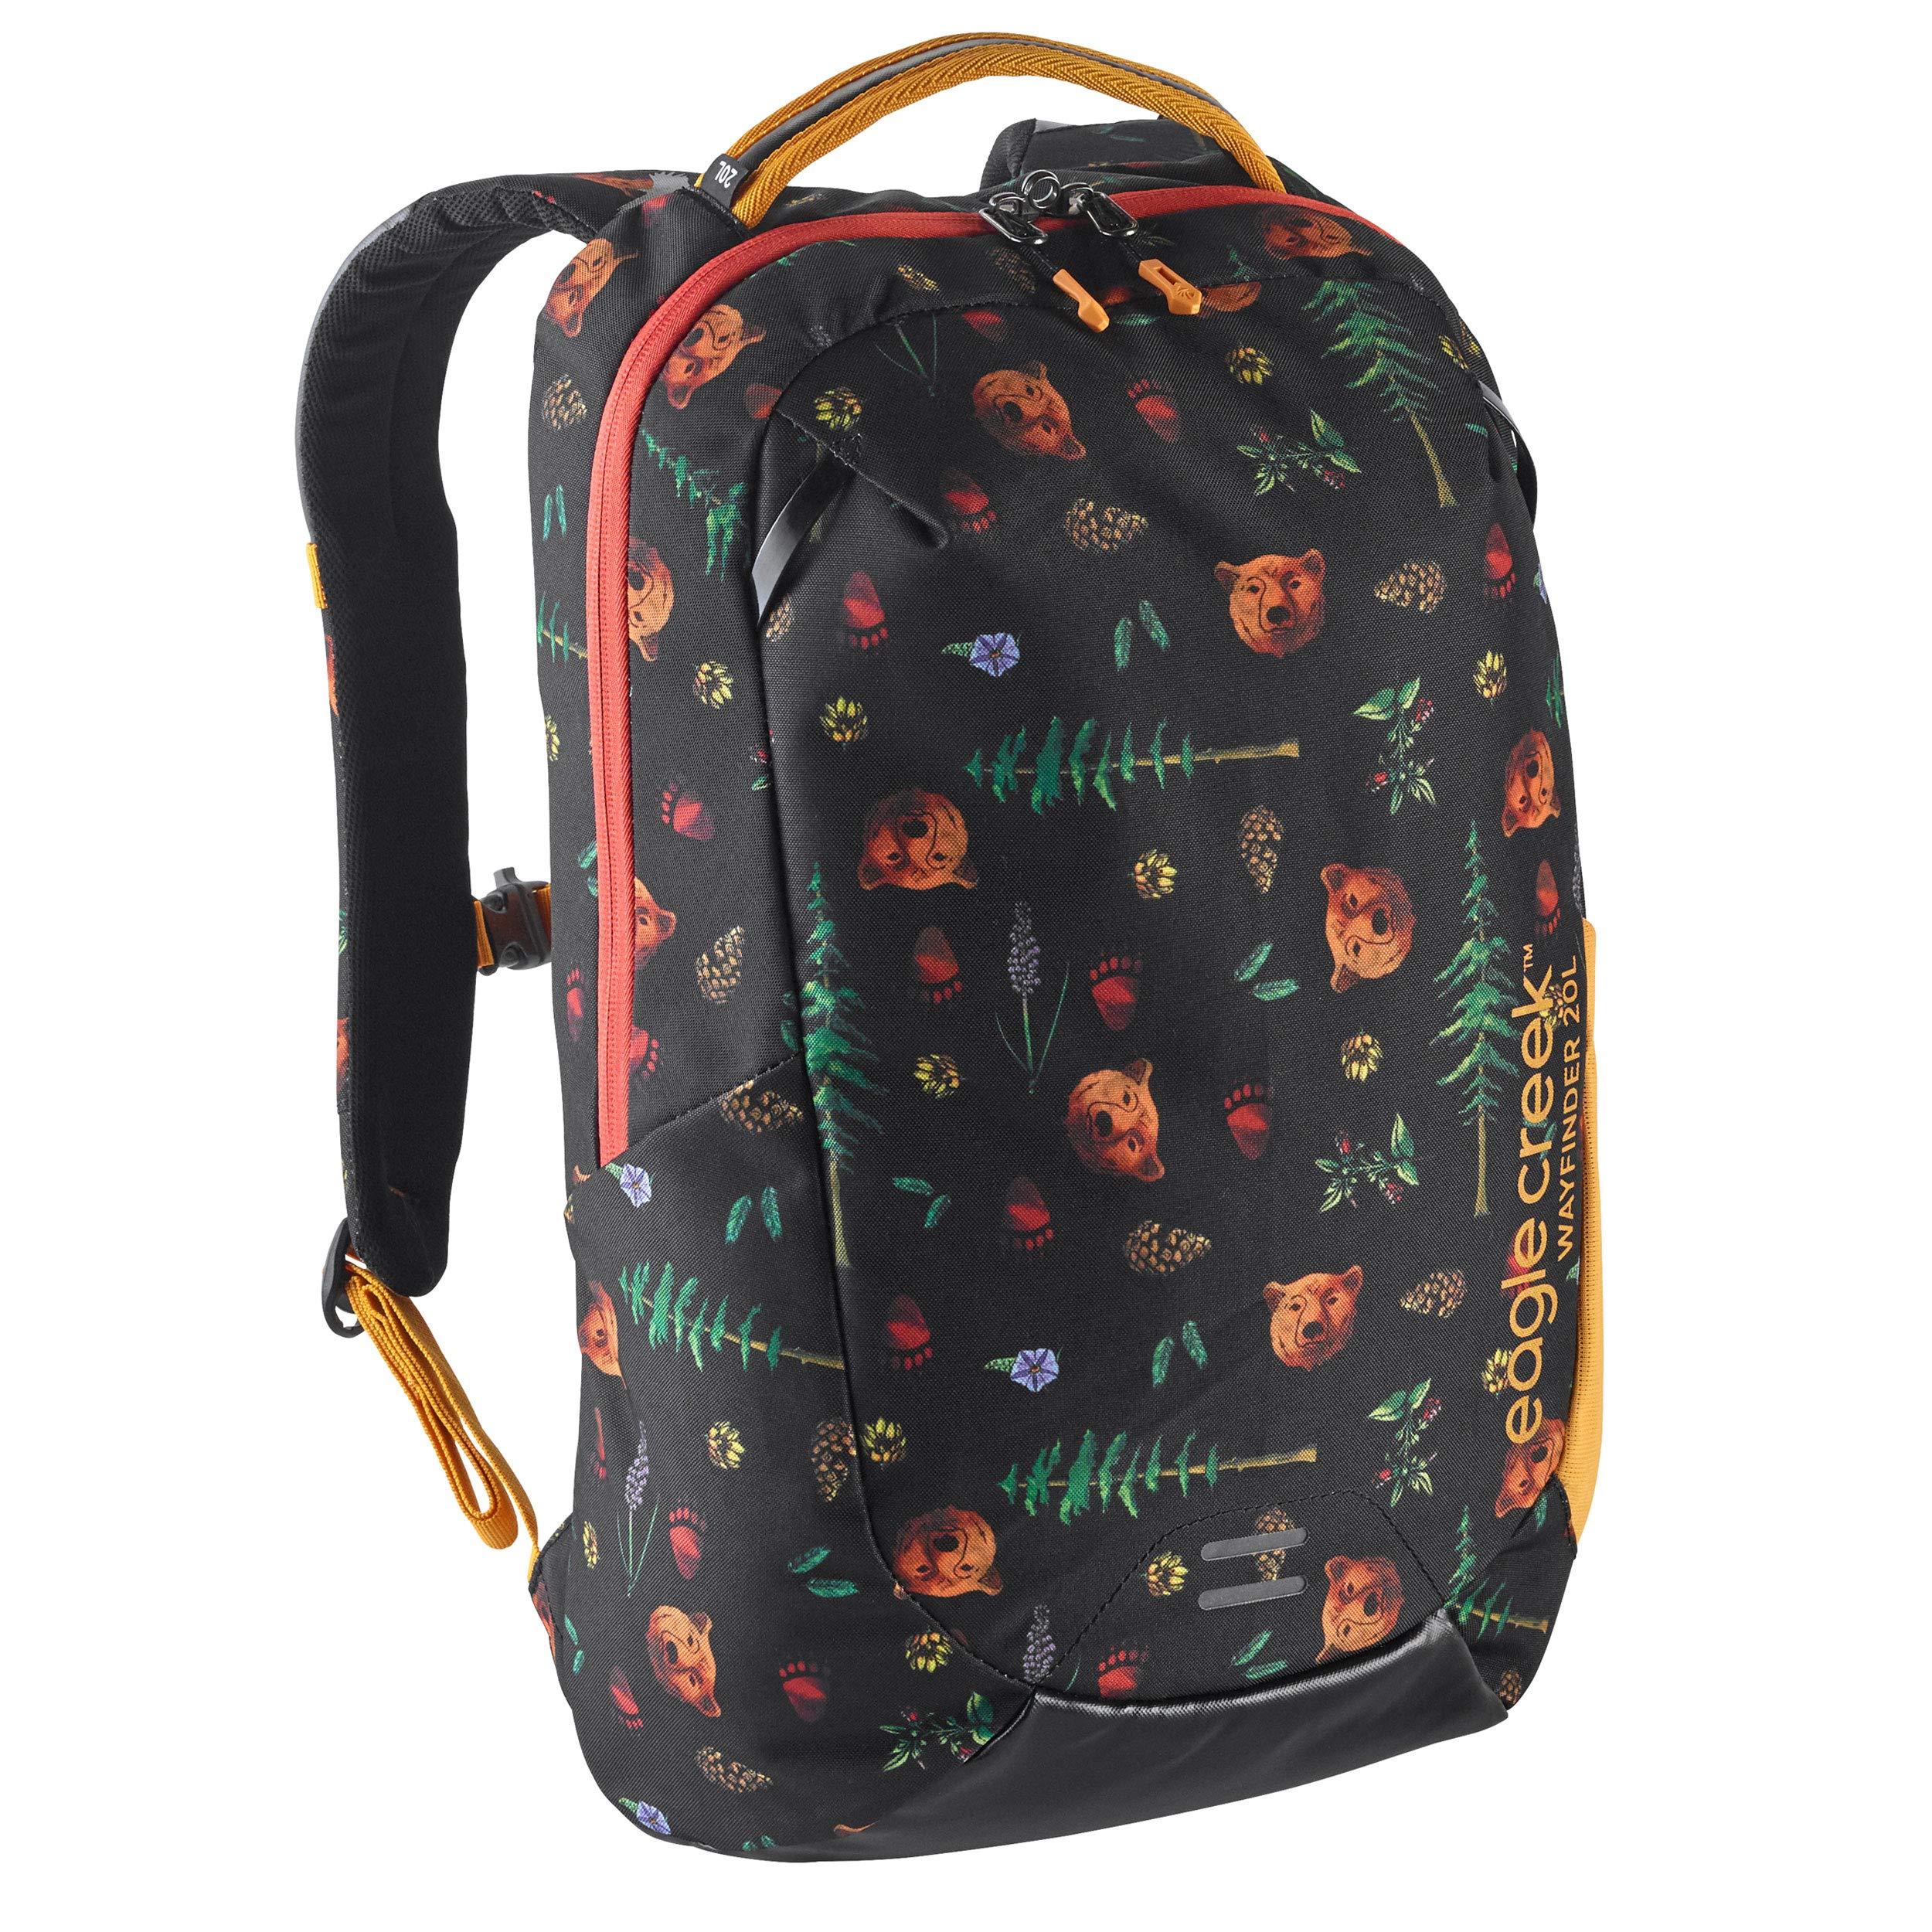 Eagle Creek Unisex-Adult's Wayfinder Backpack, Golden State Print, 20L by Eagle Creek